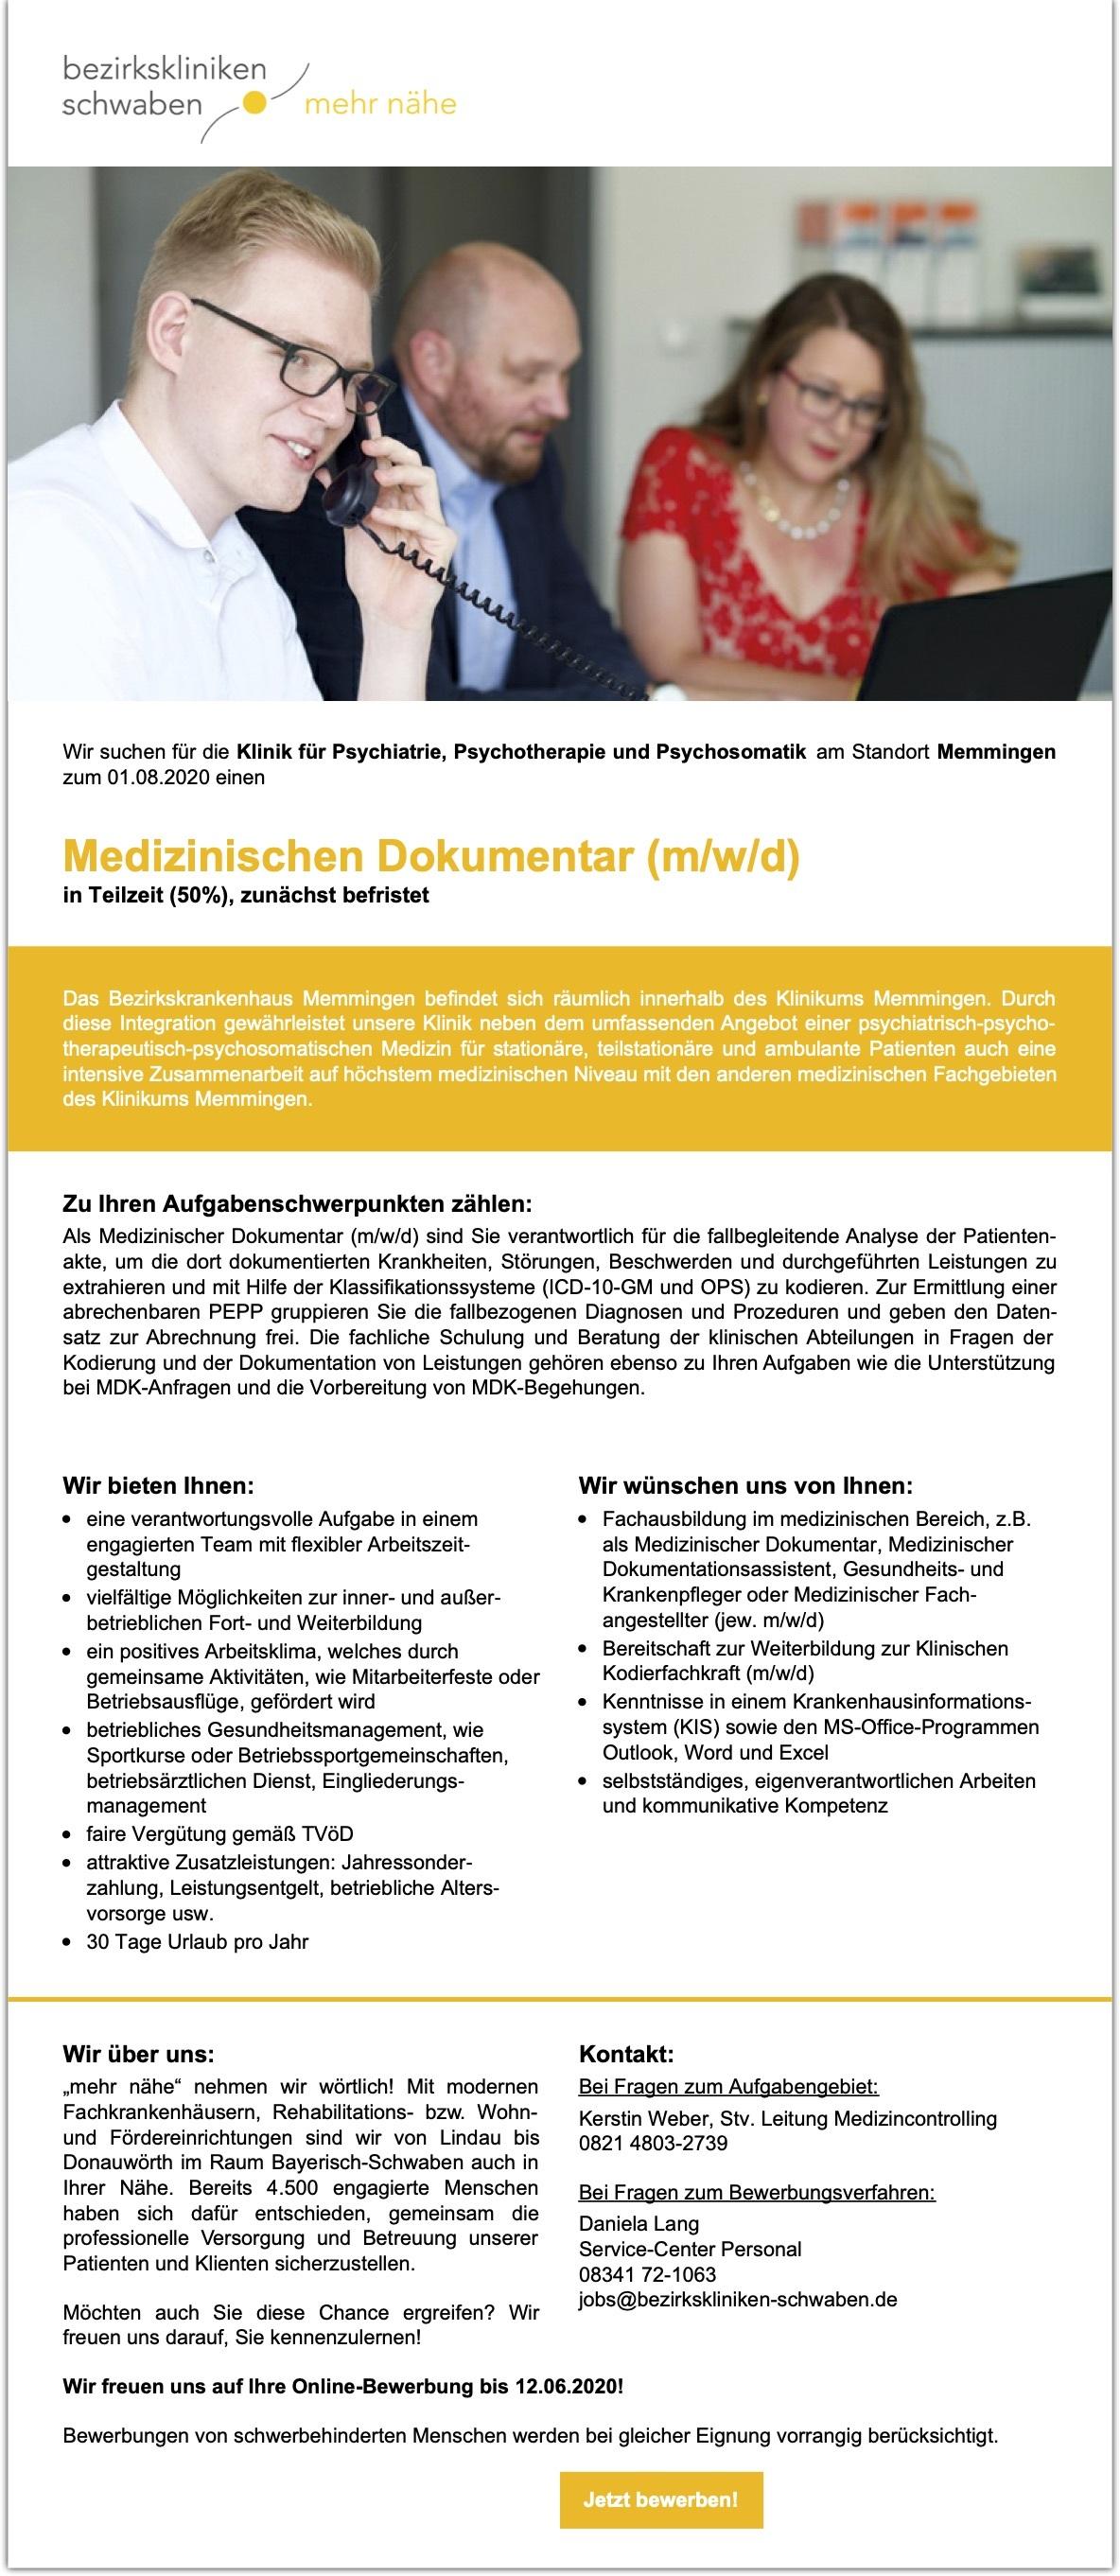 Medizinischer Dokumentar (m/w/d)